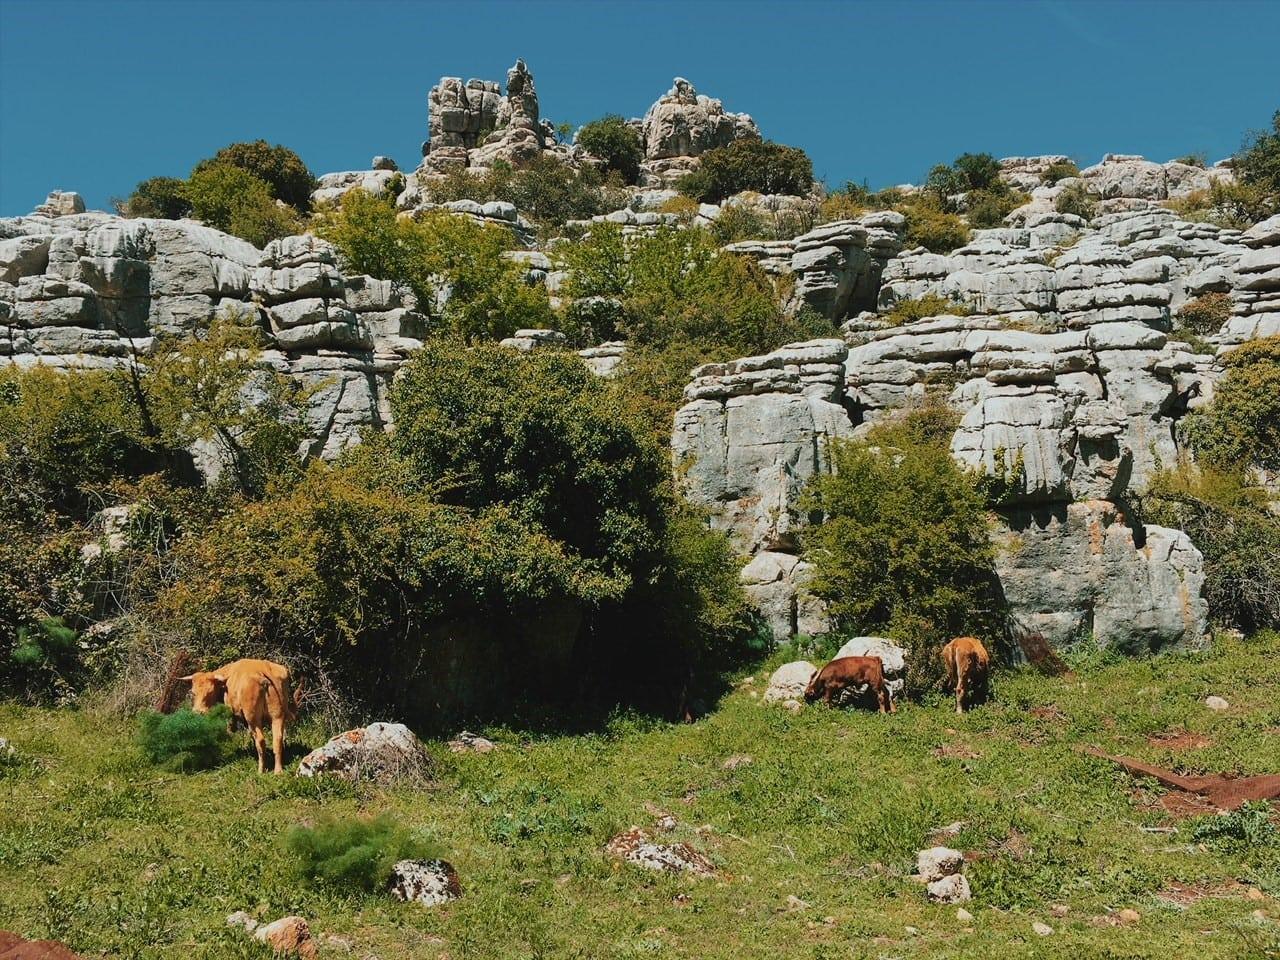 El Torcal de Antequera majówka andaluzja neverendingtravel.pl trekking, skały, górski spacer, trasa, szlak w górach, ścieżka, rezerwat, park narodowy, krowy